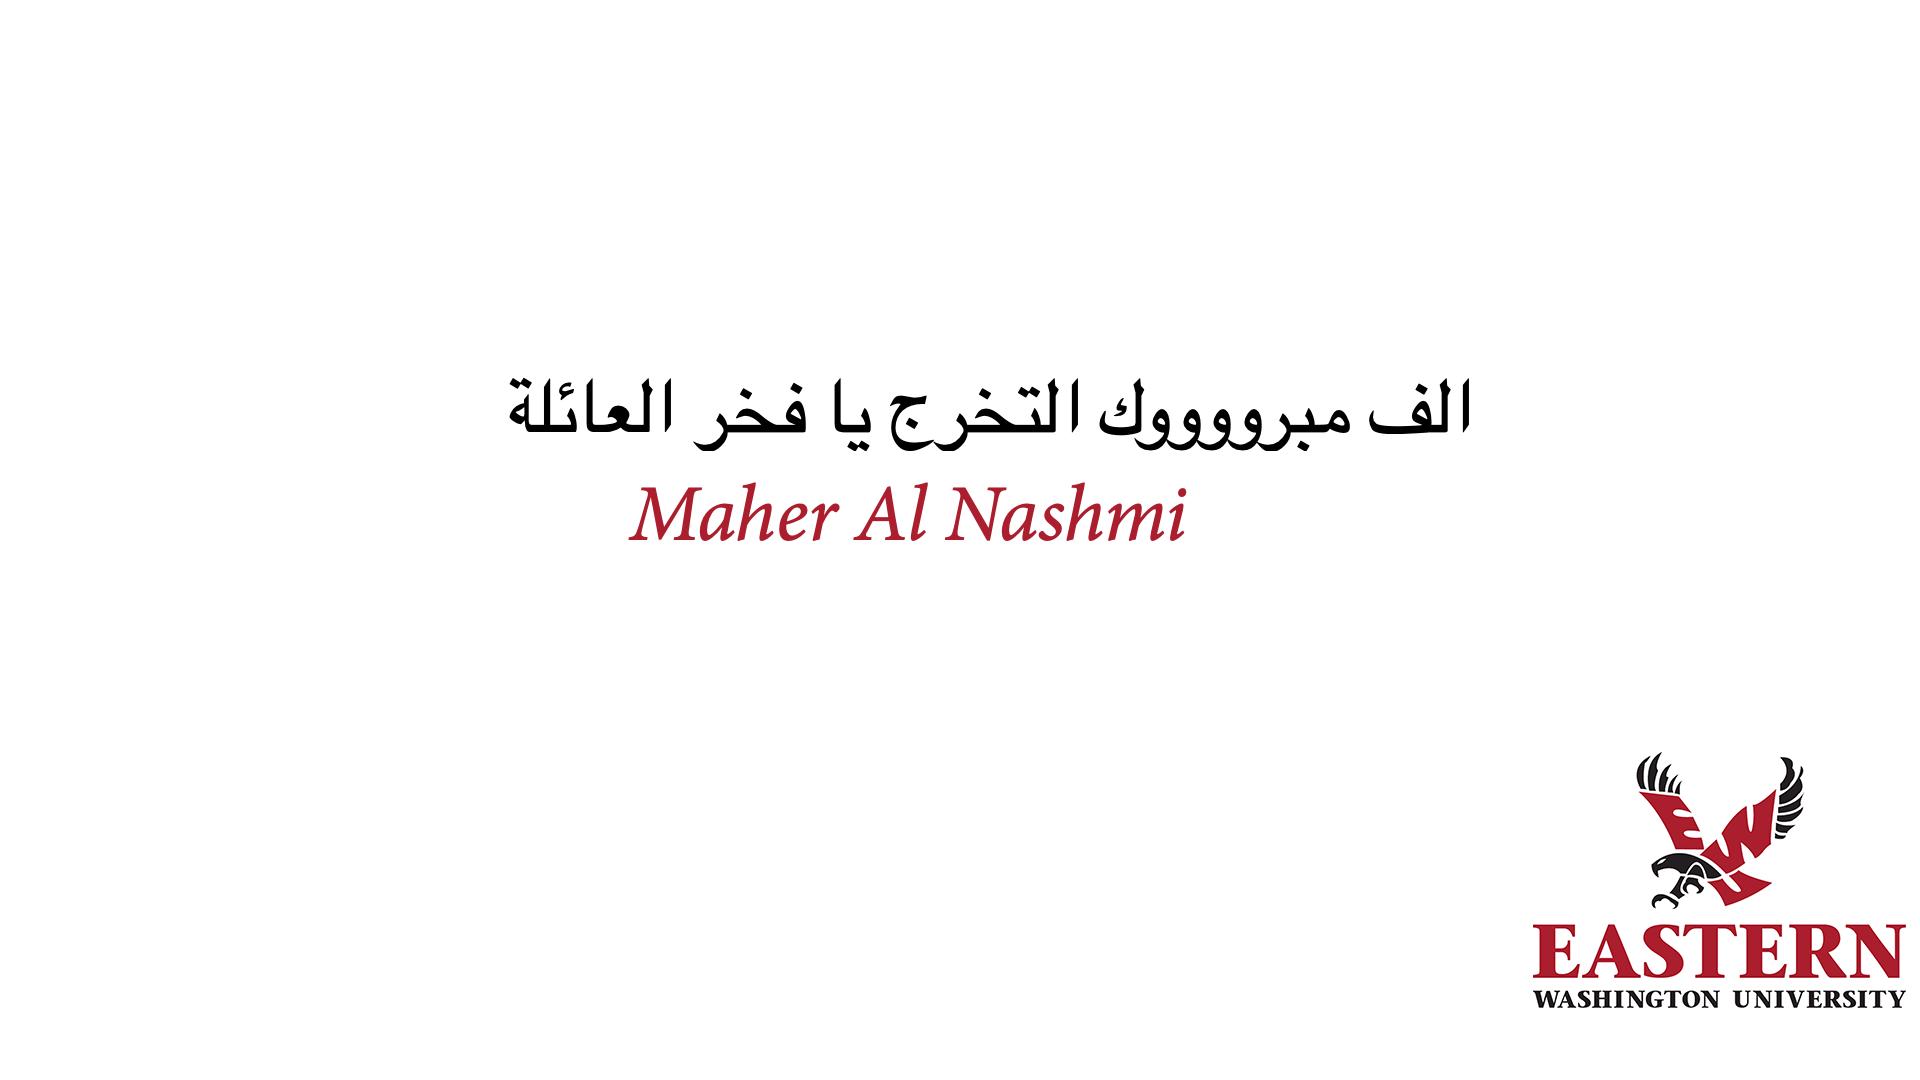 tbi_abdulraouf-abdullah-h-alnashmi_6971.png